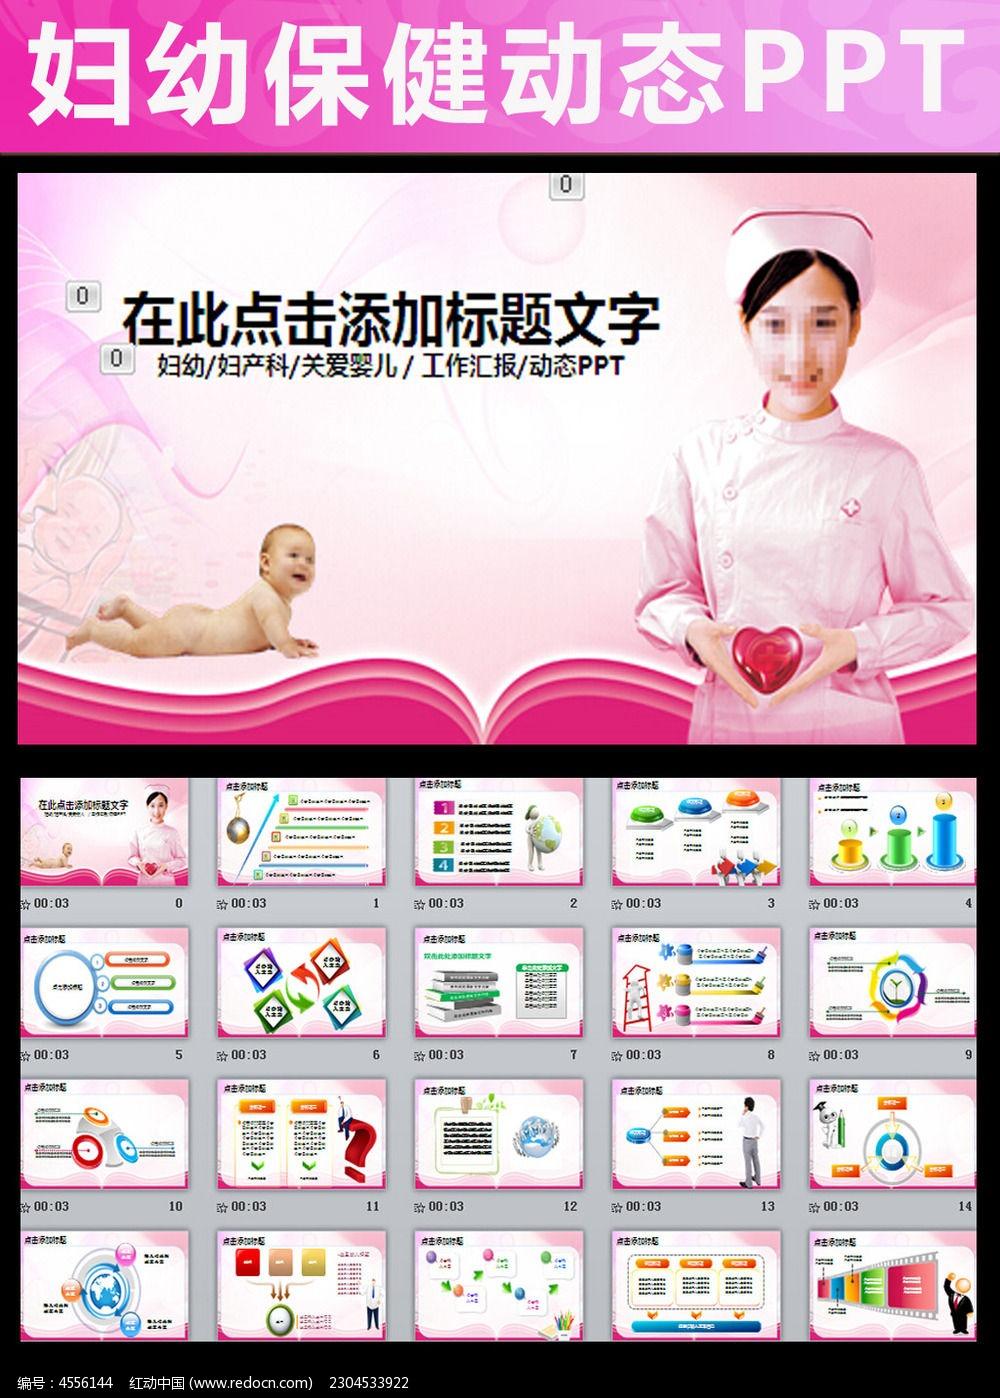 妇产科关爱婴儿动态PPT模板pptx素材下载 编号4556144 红动网